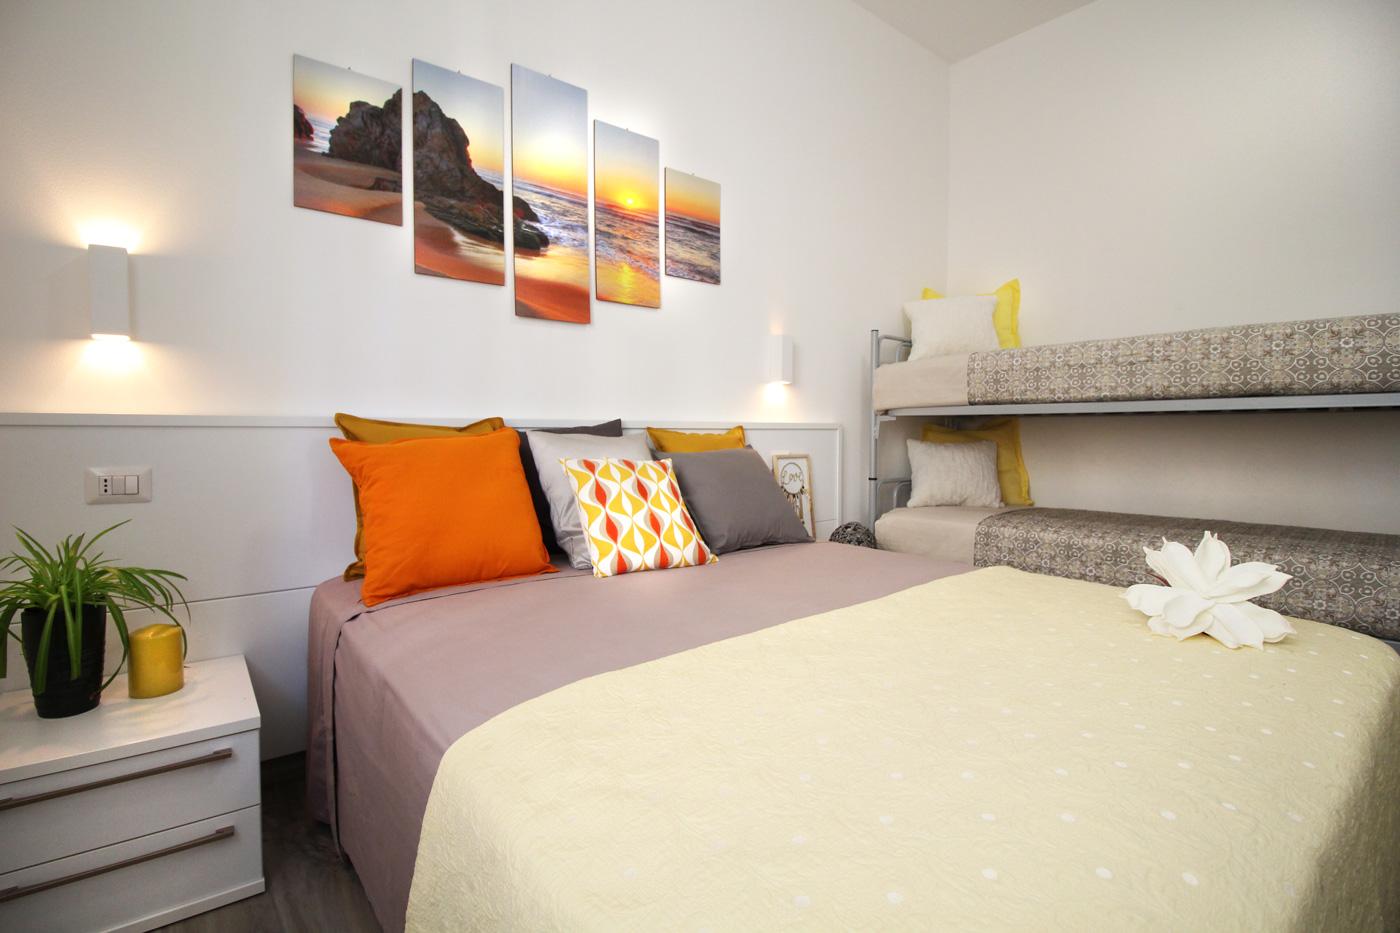 Appartamento thomas romagna case vacanze san mauro mare gatteo mare_8974_2